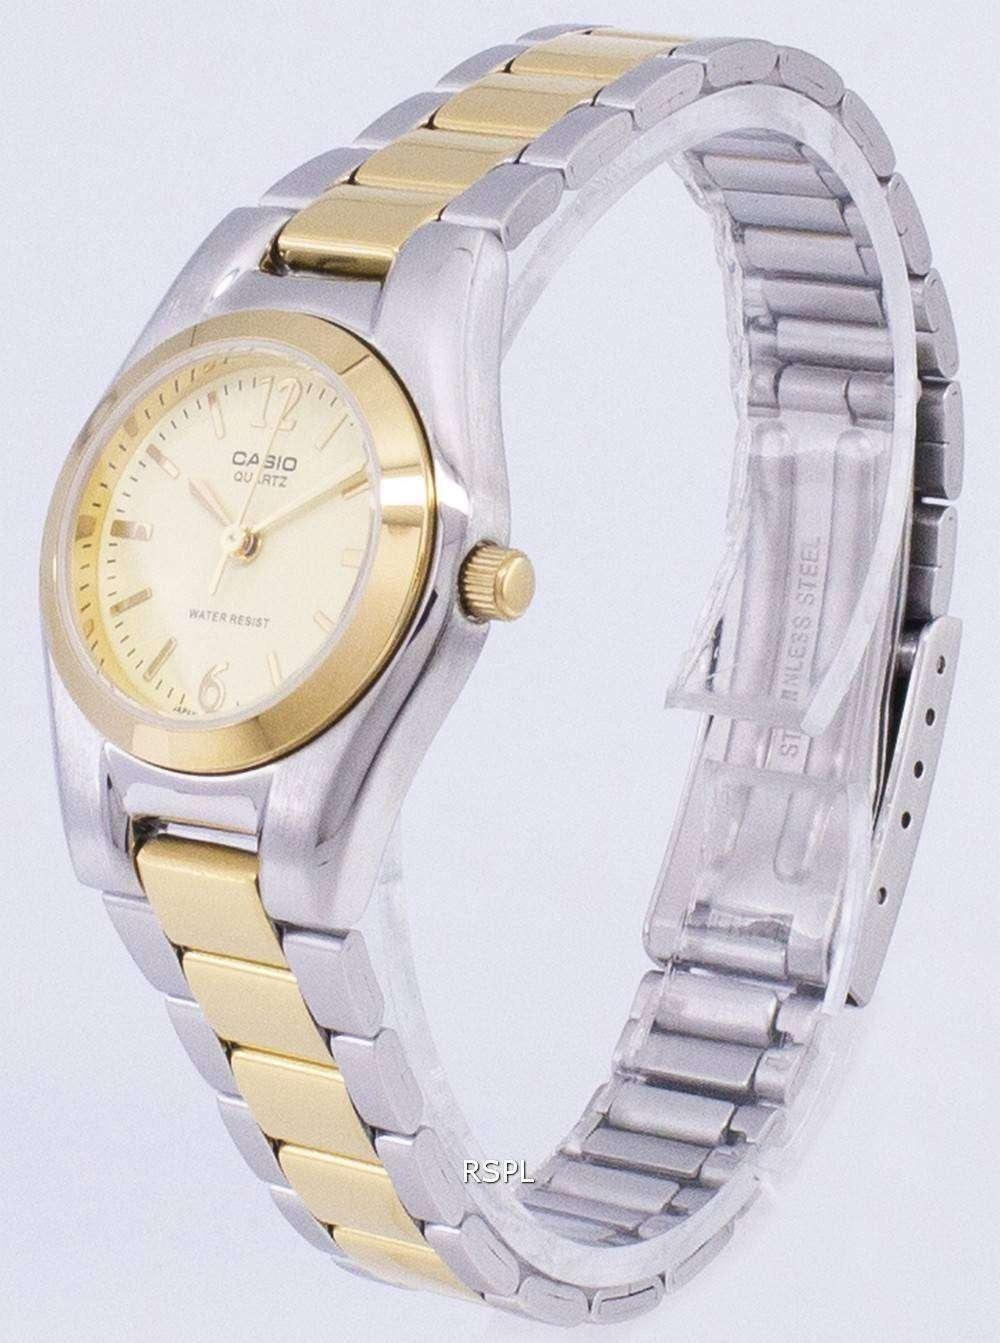 De 1253sg 9adf Mujer Reloj 9a Cuarzo Casio La Analógico Dial Ltp Enticer Oro hdxQrsCt